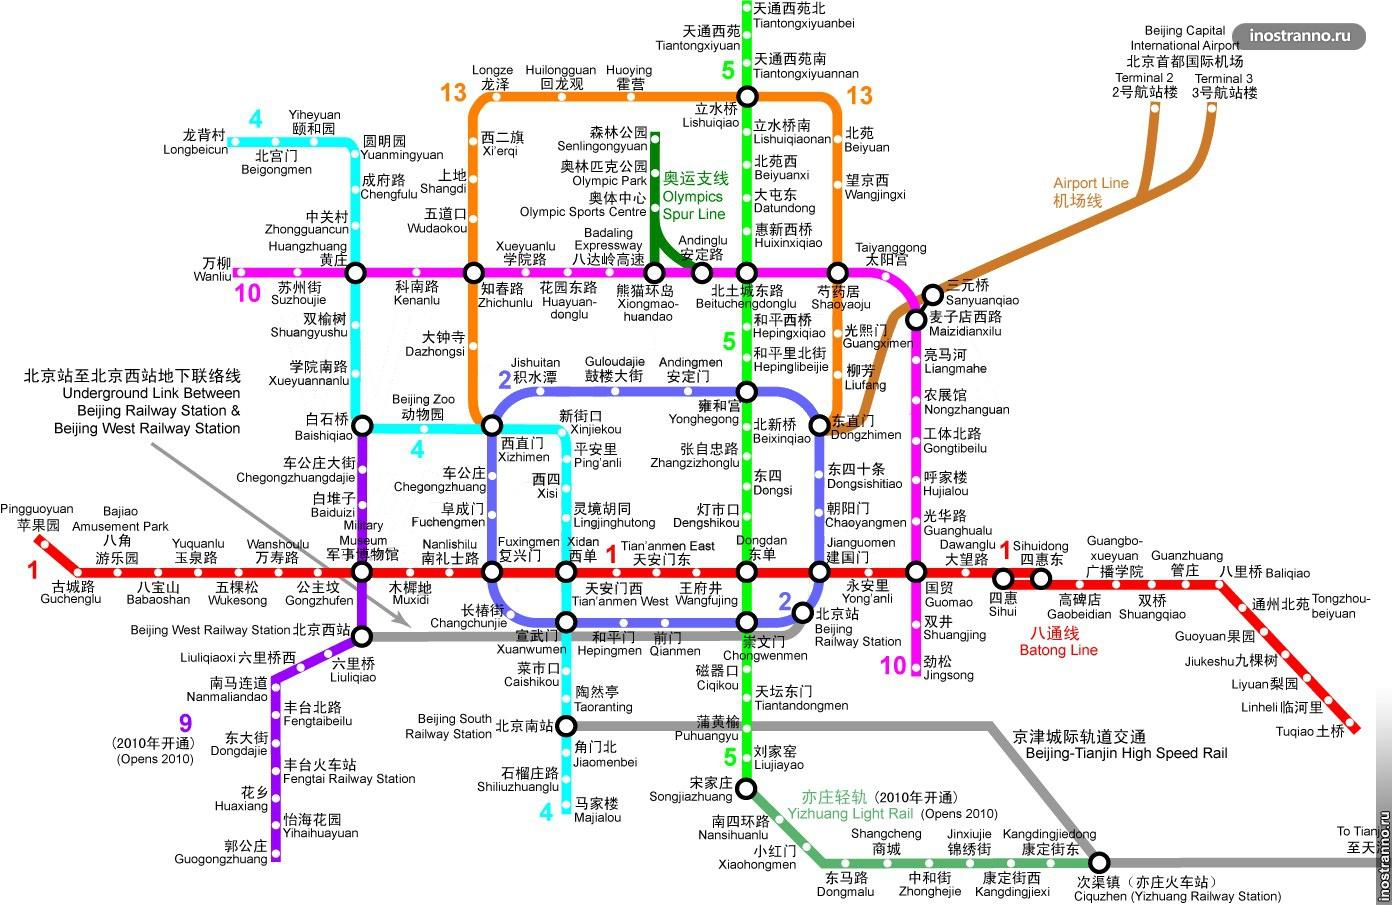 схема метрополитена с указанием аэропортов